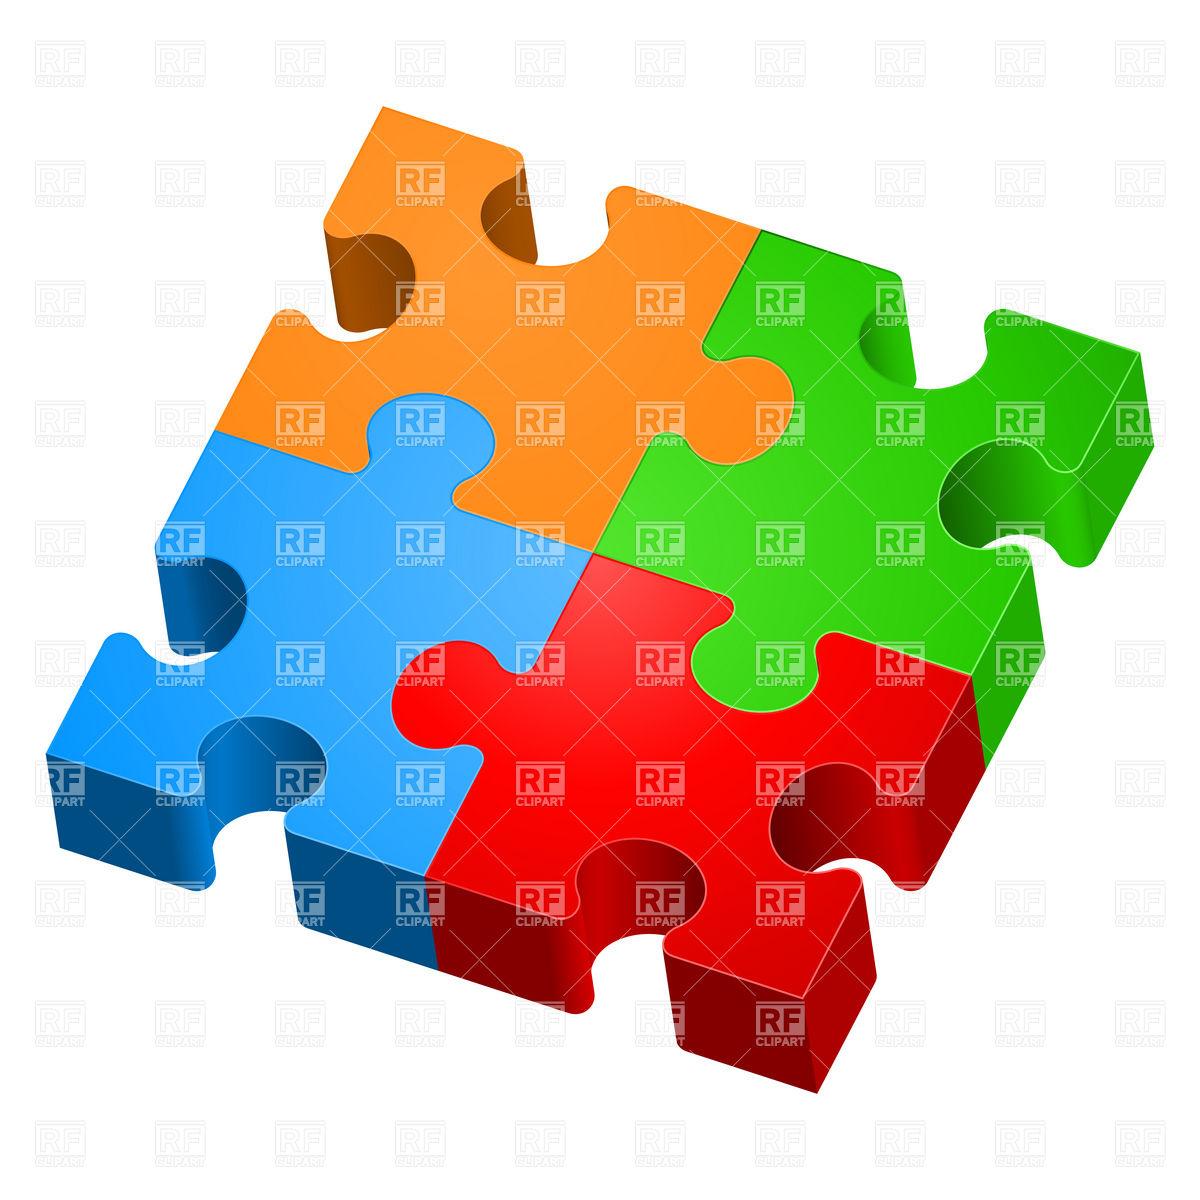 Puzzle Clipart Images